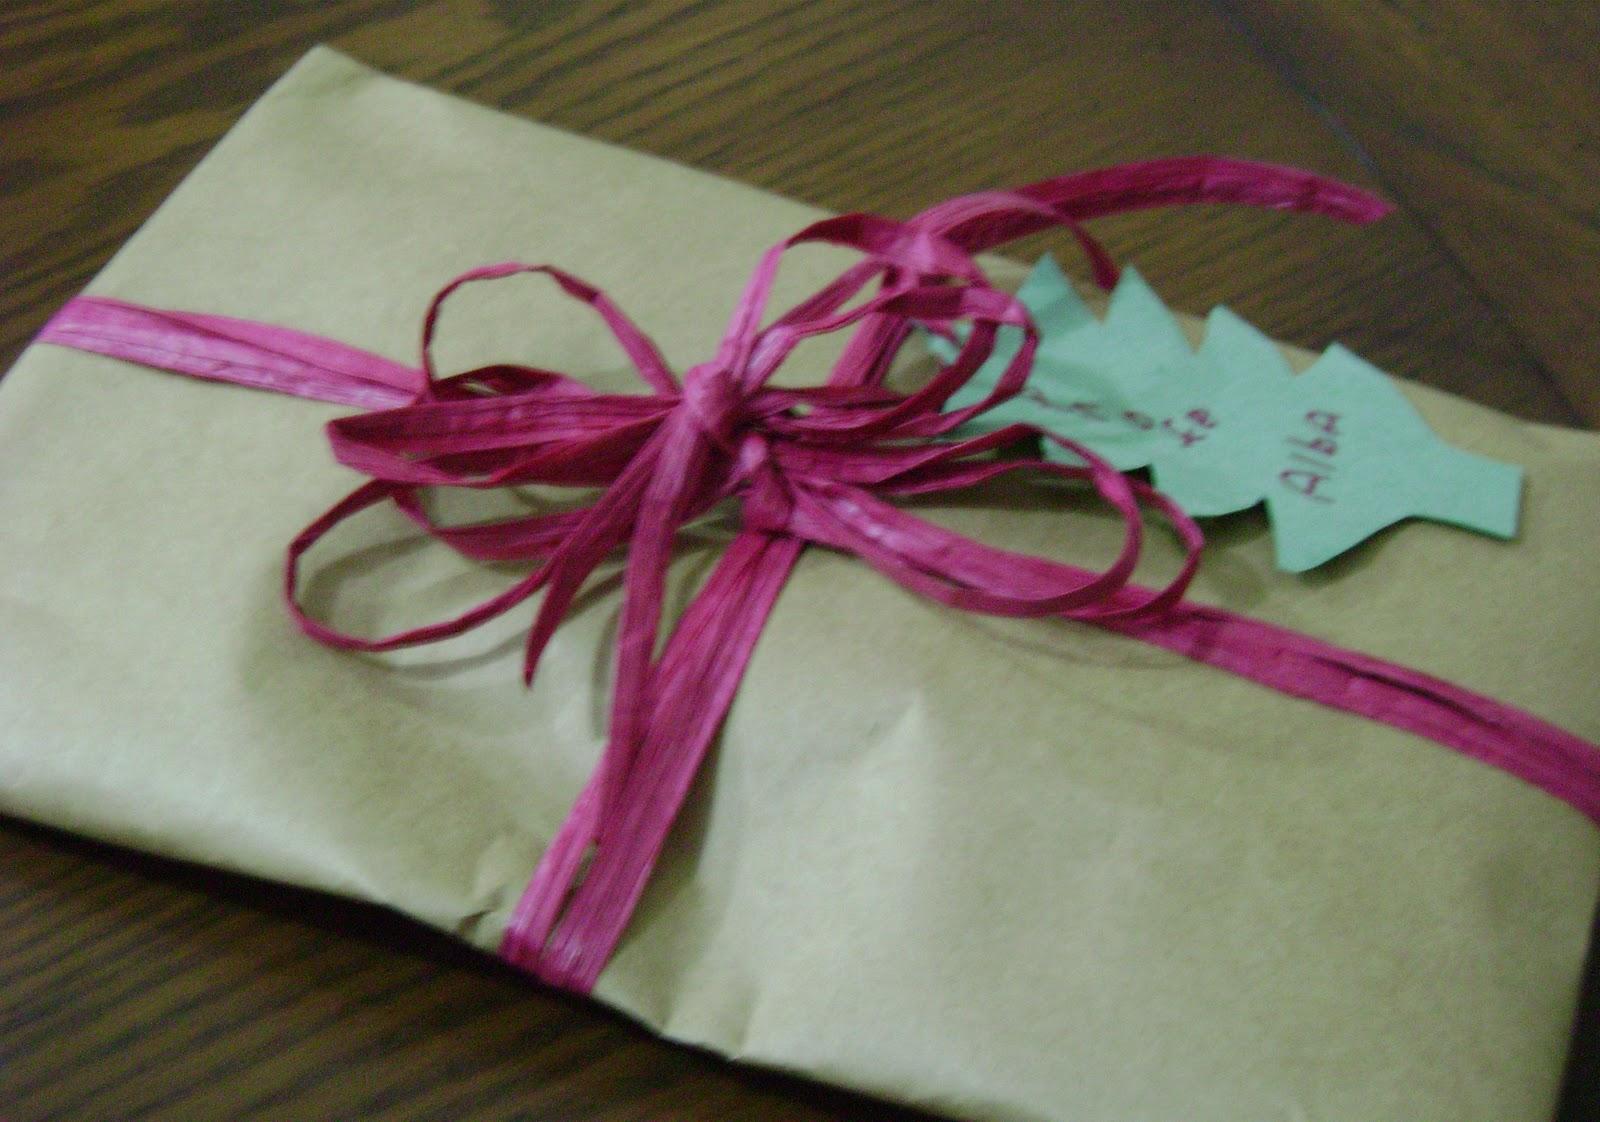 Cecilia en casa envoltura de regalos for Envolturas para regalos